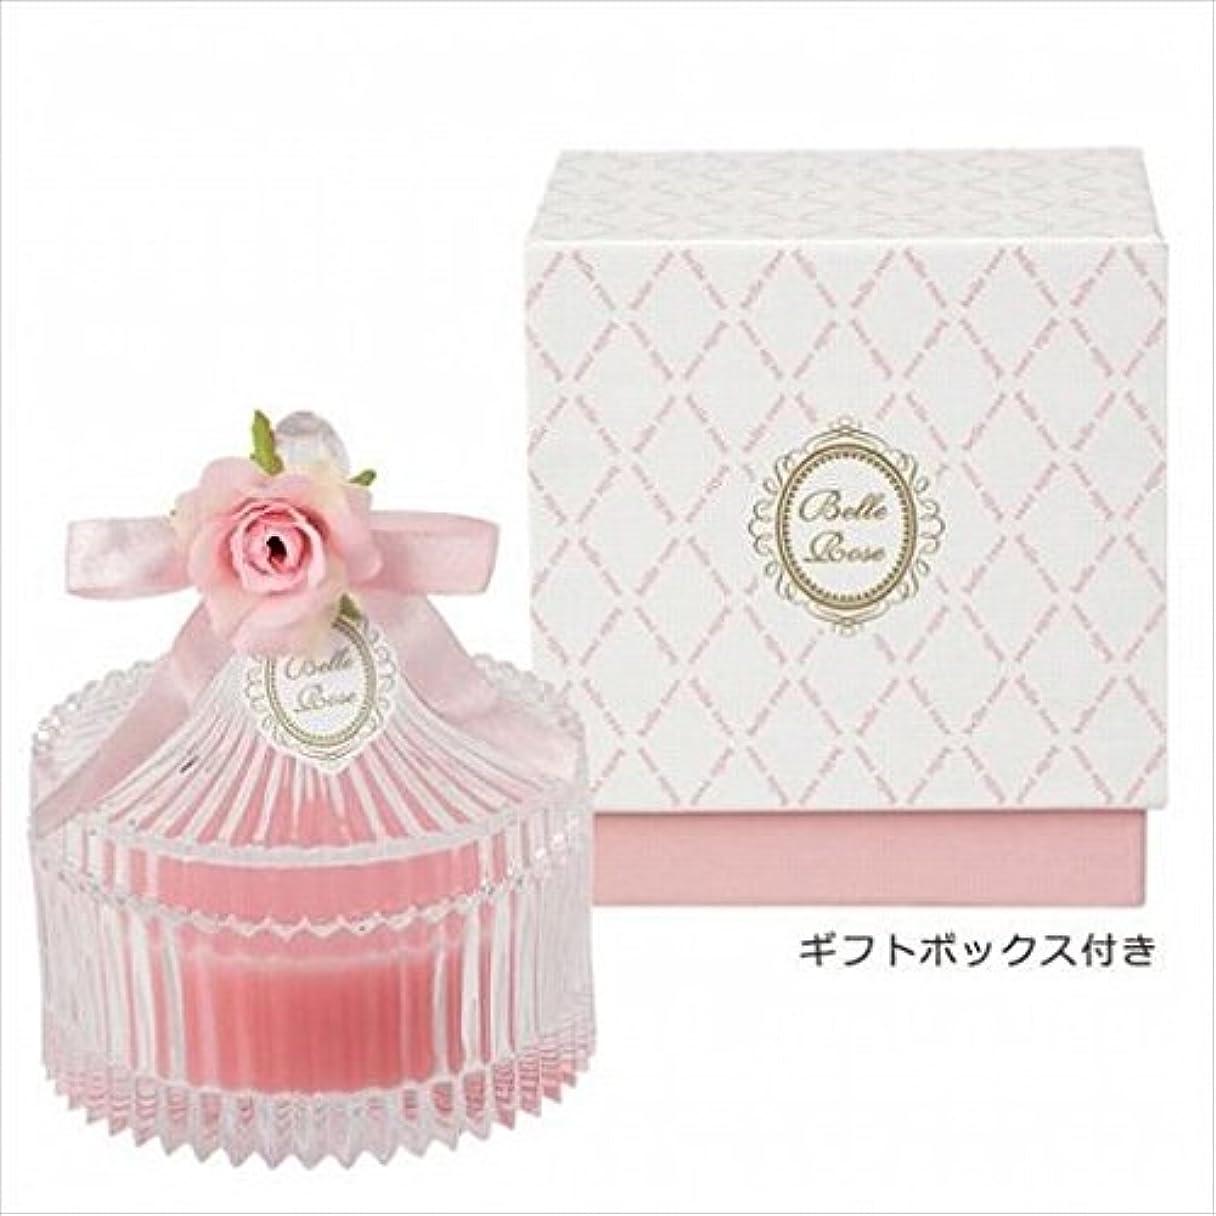 机合図失効kameyama candle(カメヤマキャンドル) ベルローズキャニスター 「 ピンク 」 キャンドル(A5920500PK)